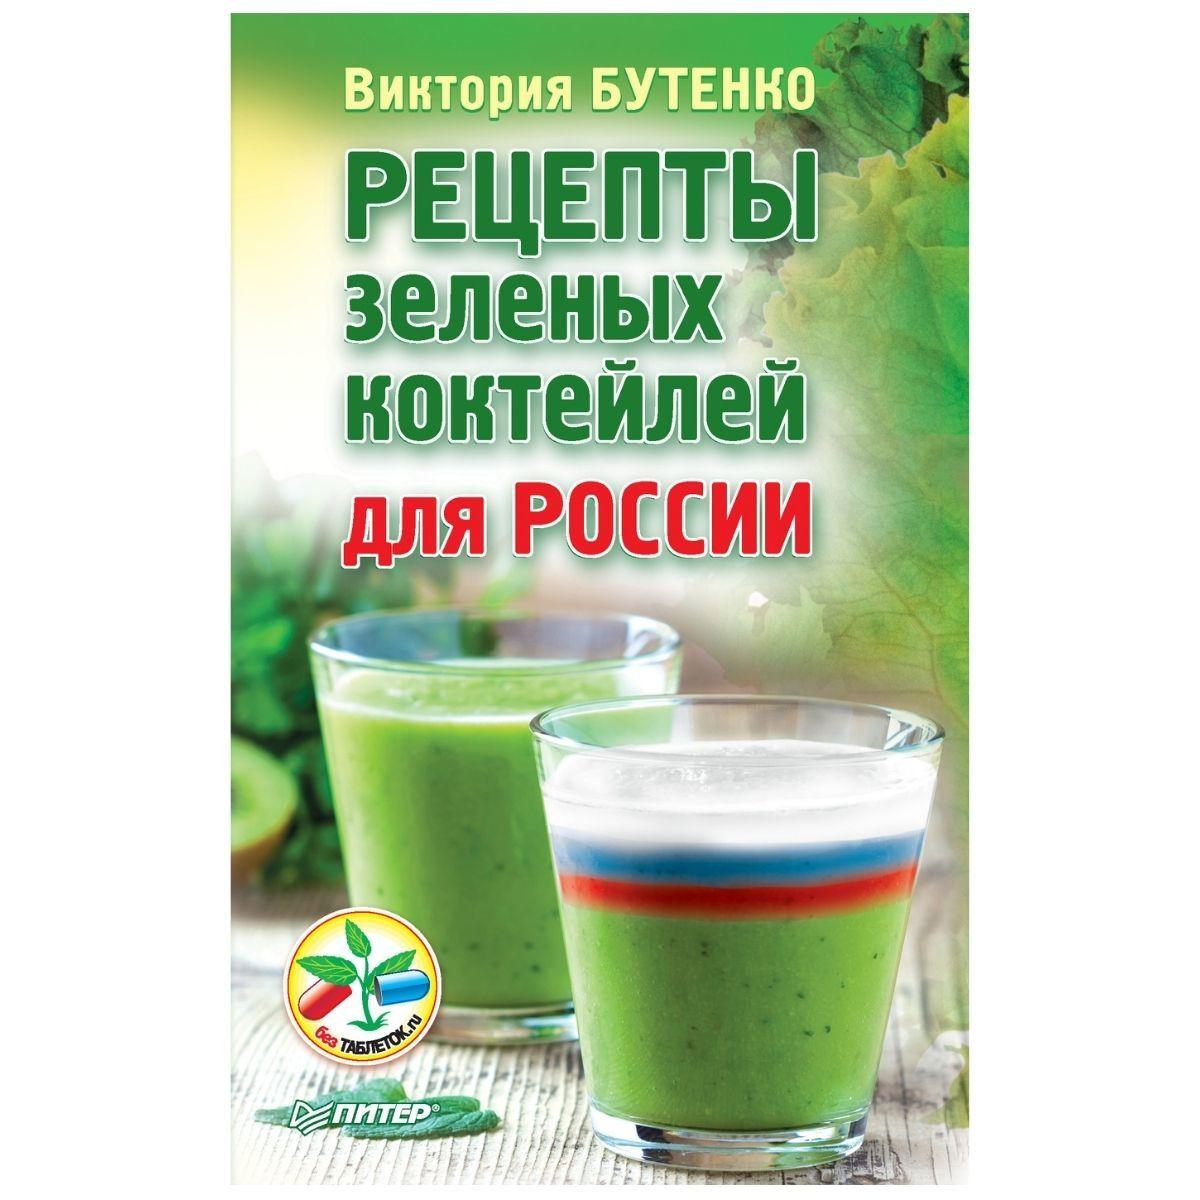 «Рецепты зеленых коктейлей для России» Бутенко Виктория